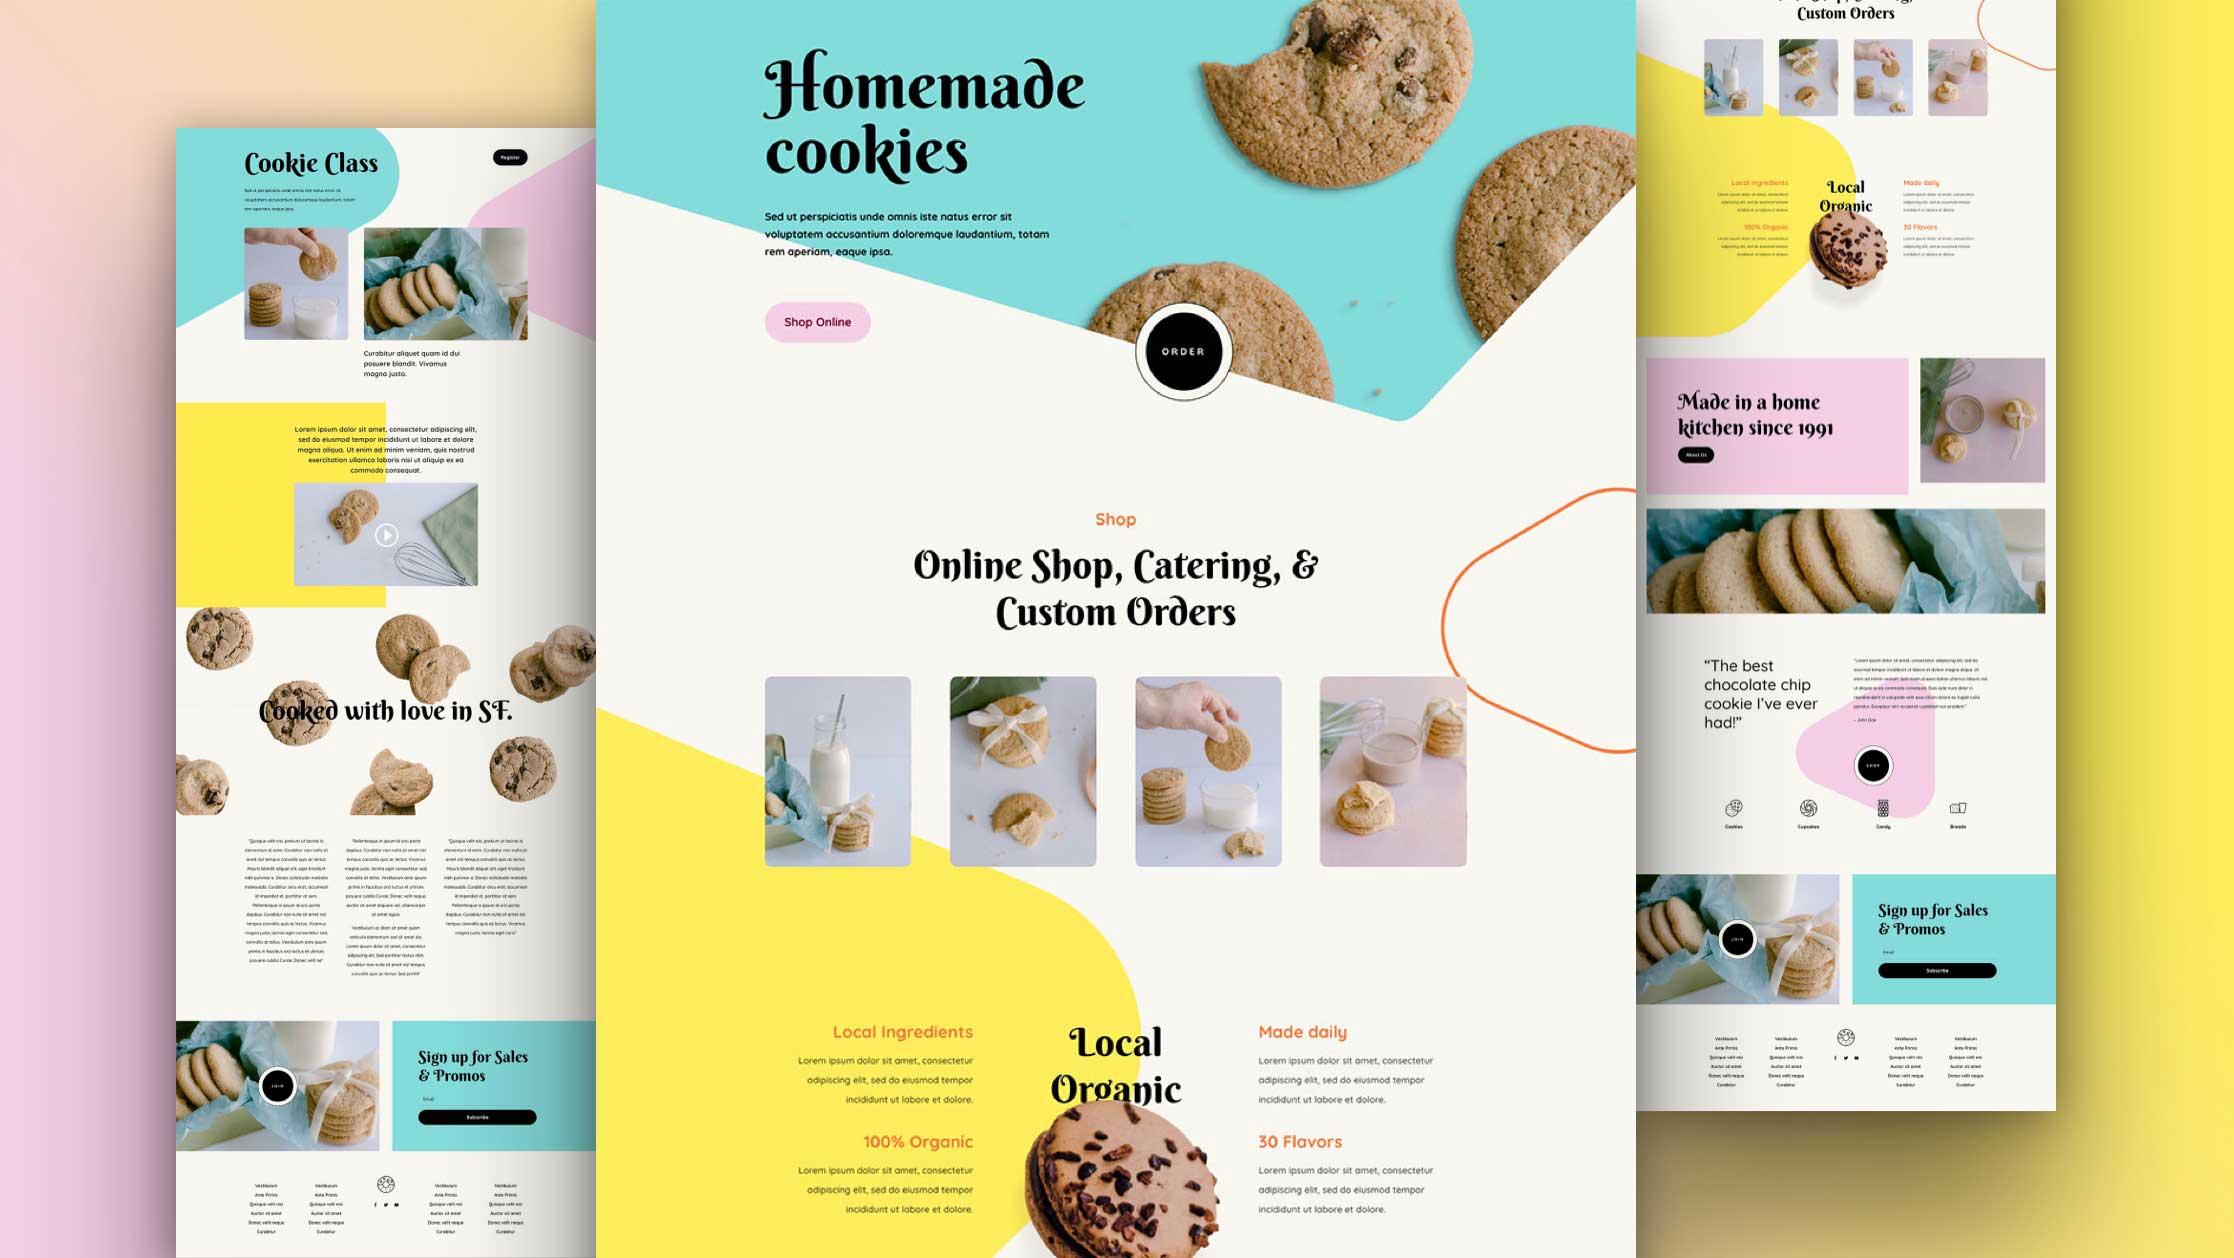 워드프레스 Divi 테마용 무료 수제 쿠키(Homemade Cookies) 레이아웃 팩 다운로드